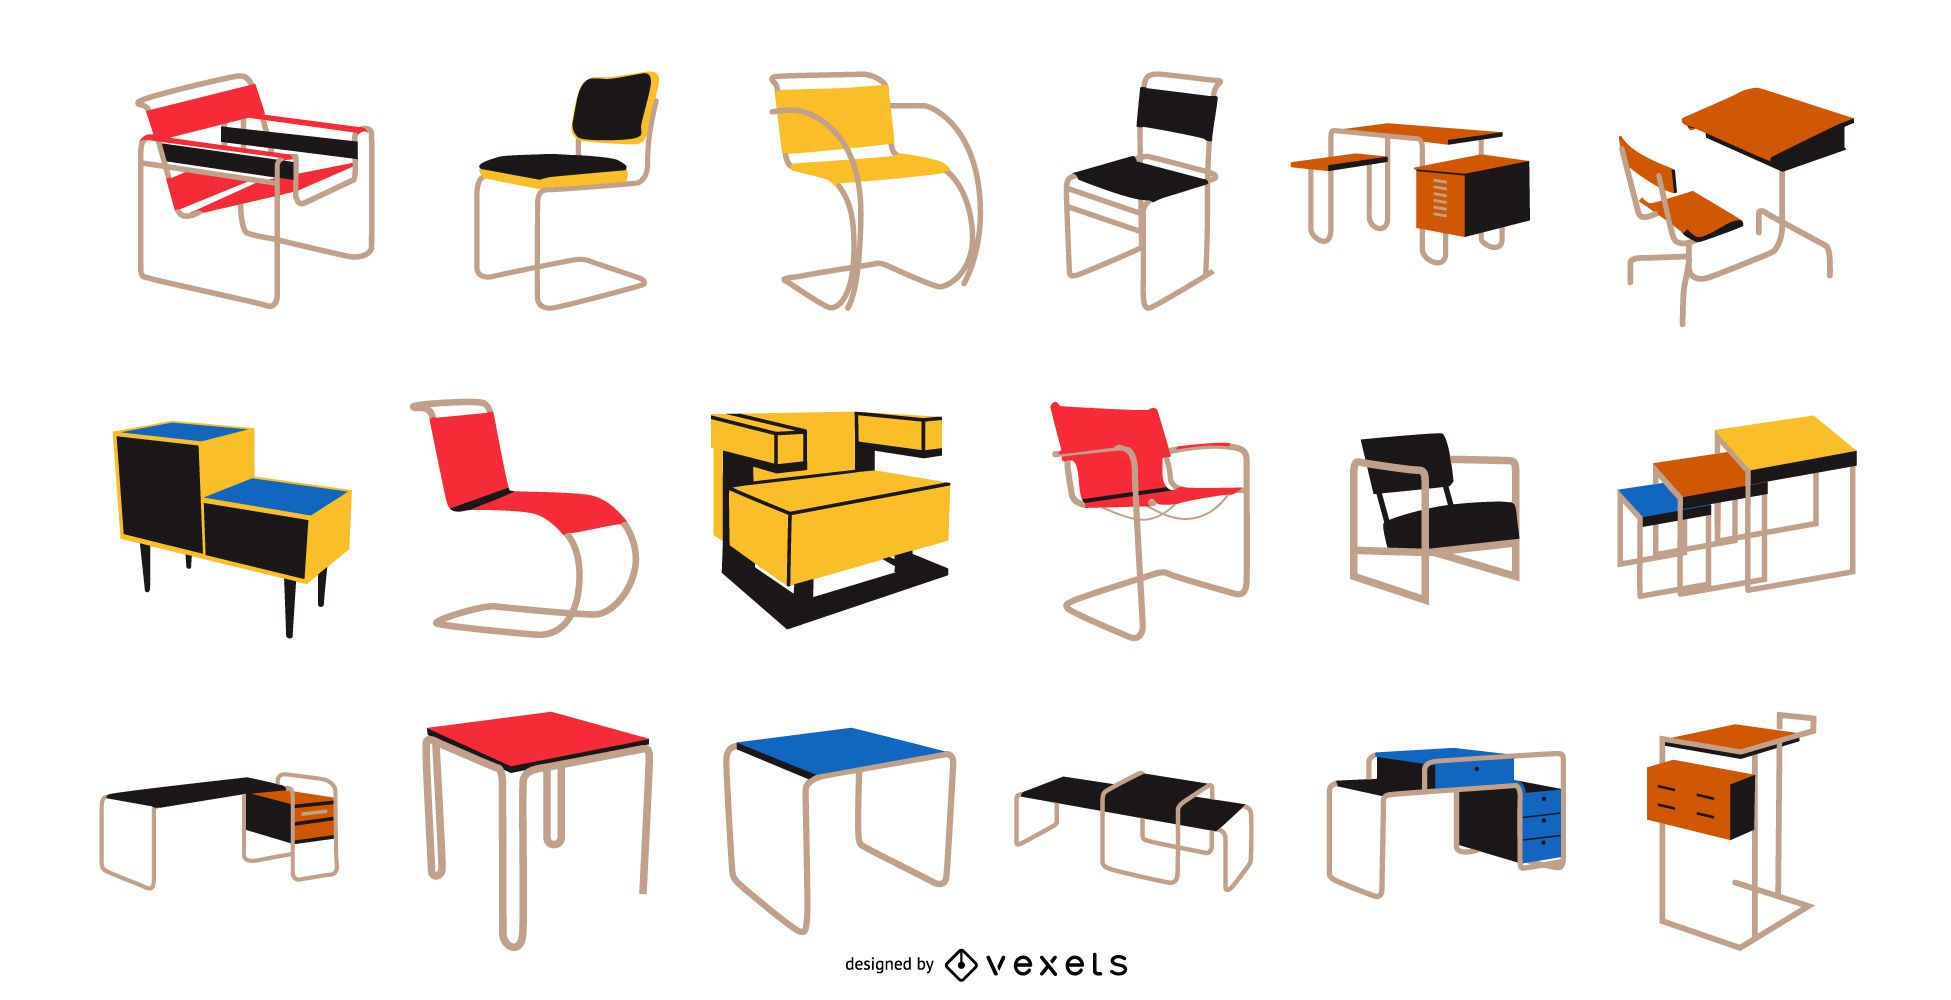 Bauhaus Style Furniture Pack